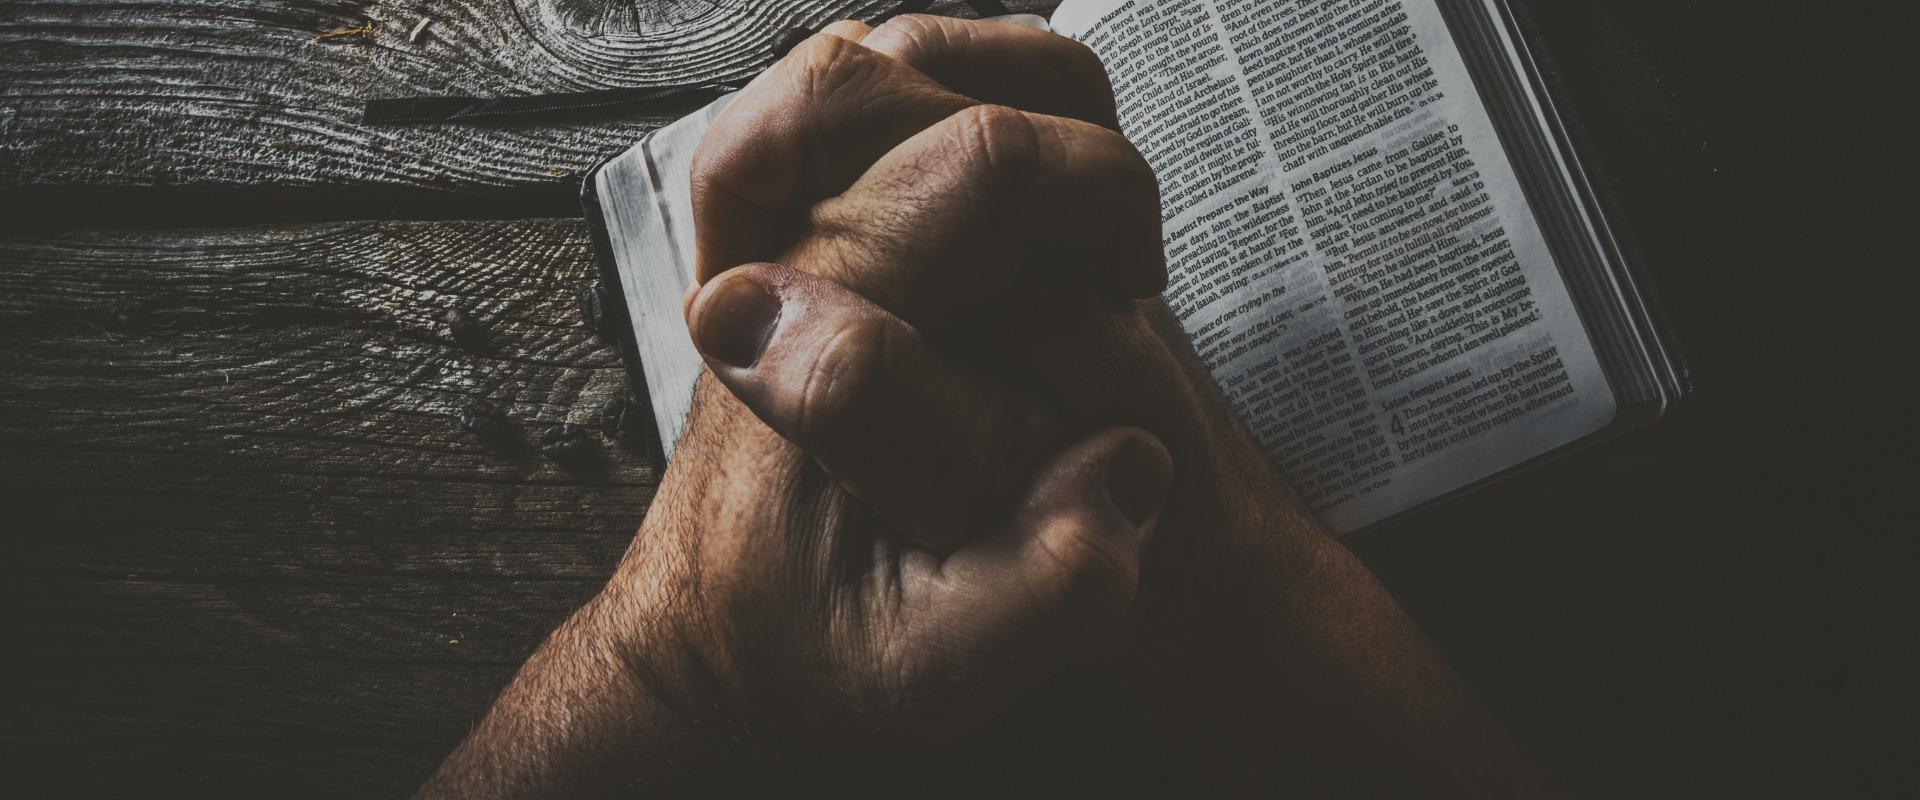 نماز کے بارے میں دو اہم سبق